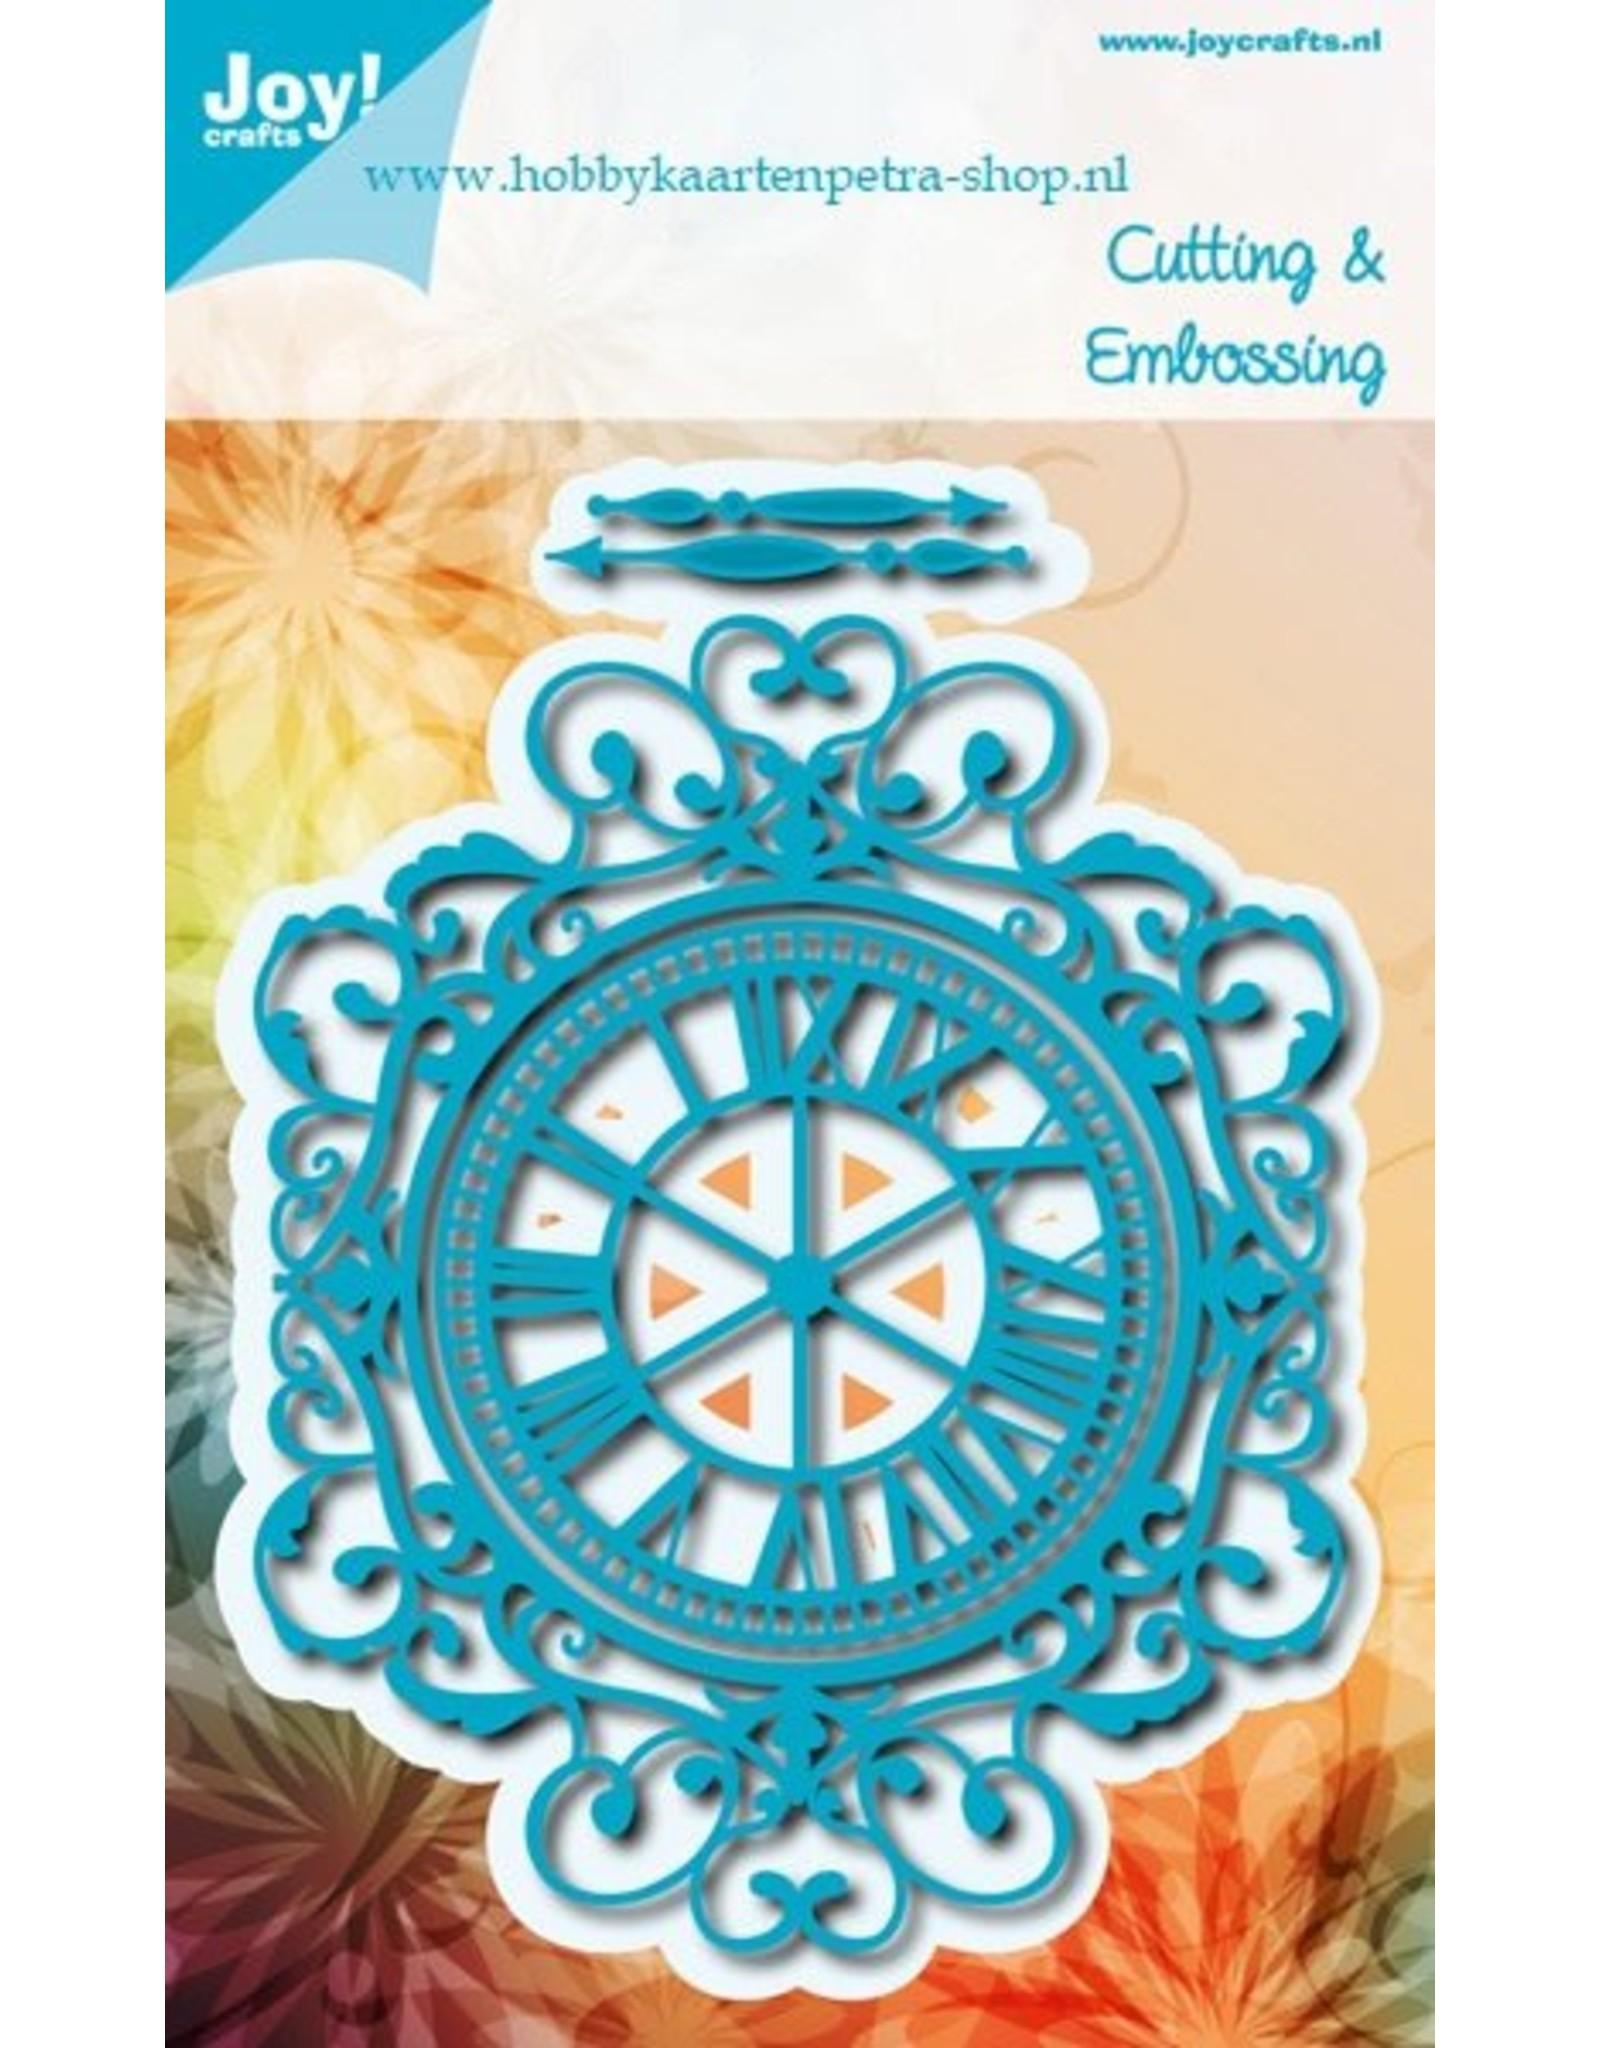 Joy Craft Joy Crafts snijstencil klok 6002/0971